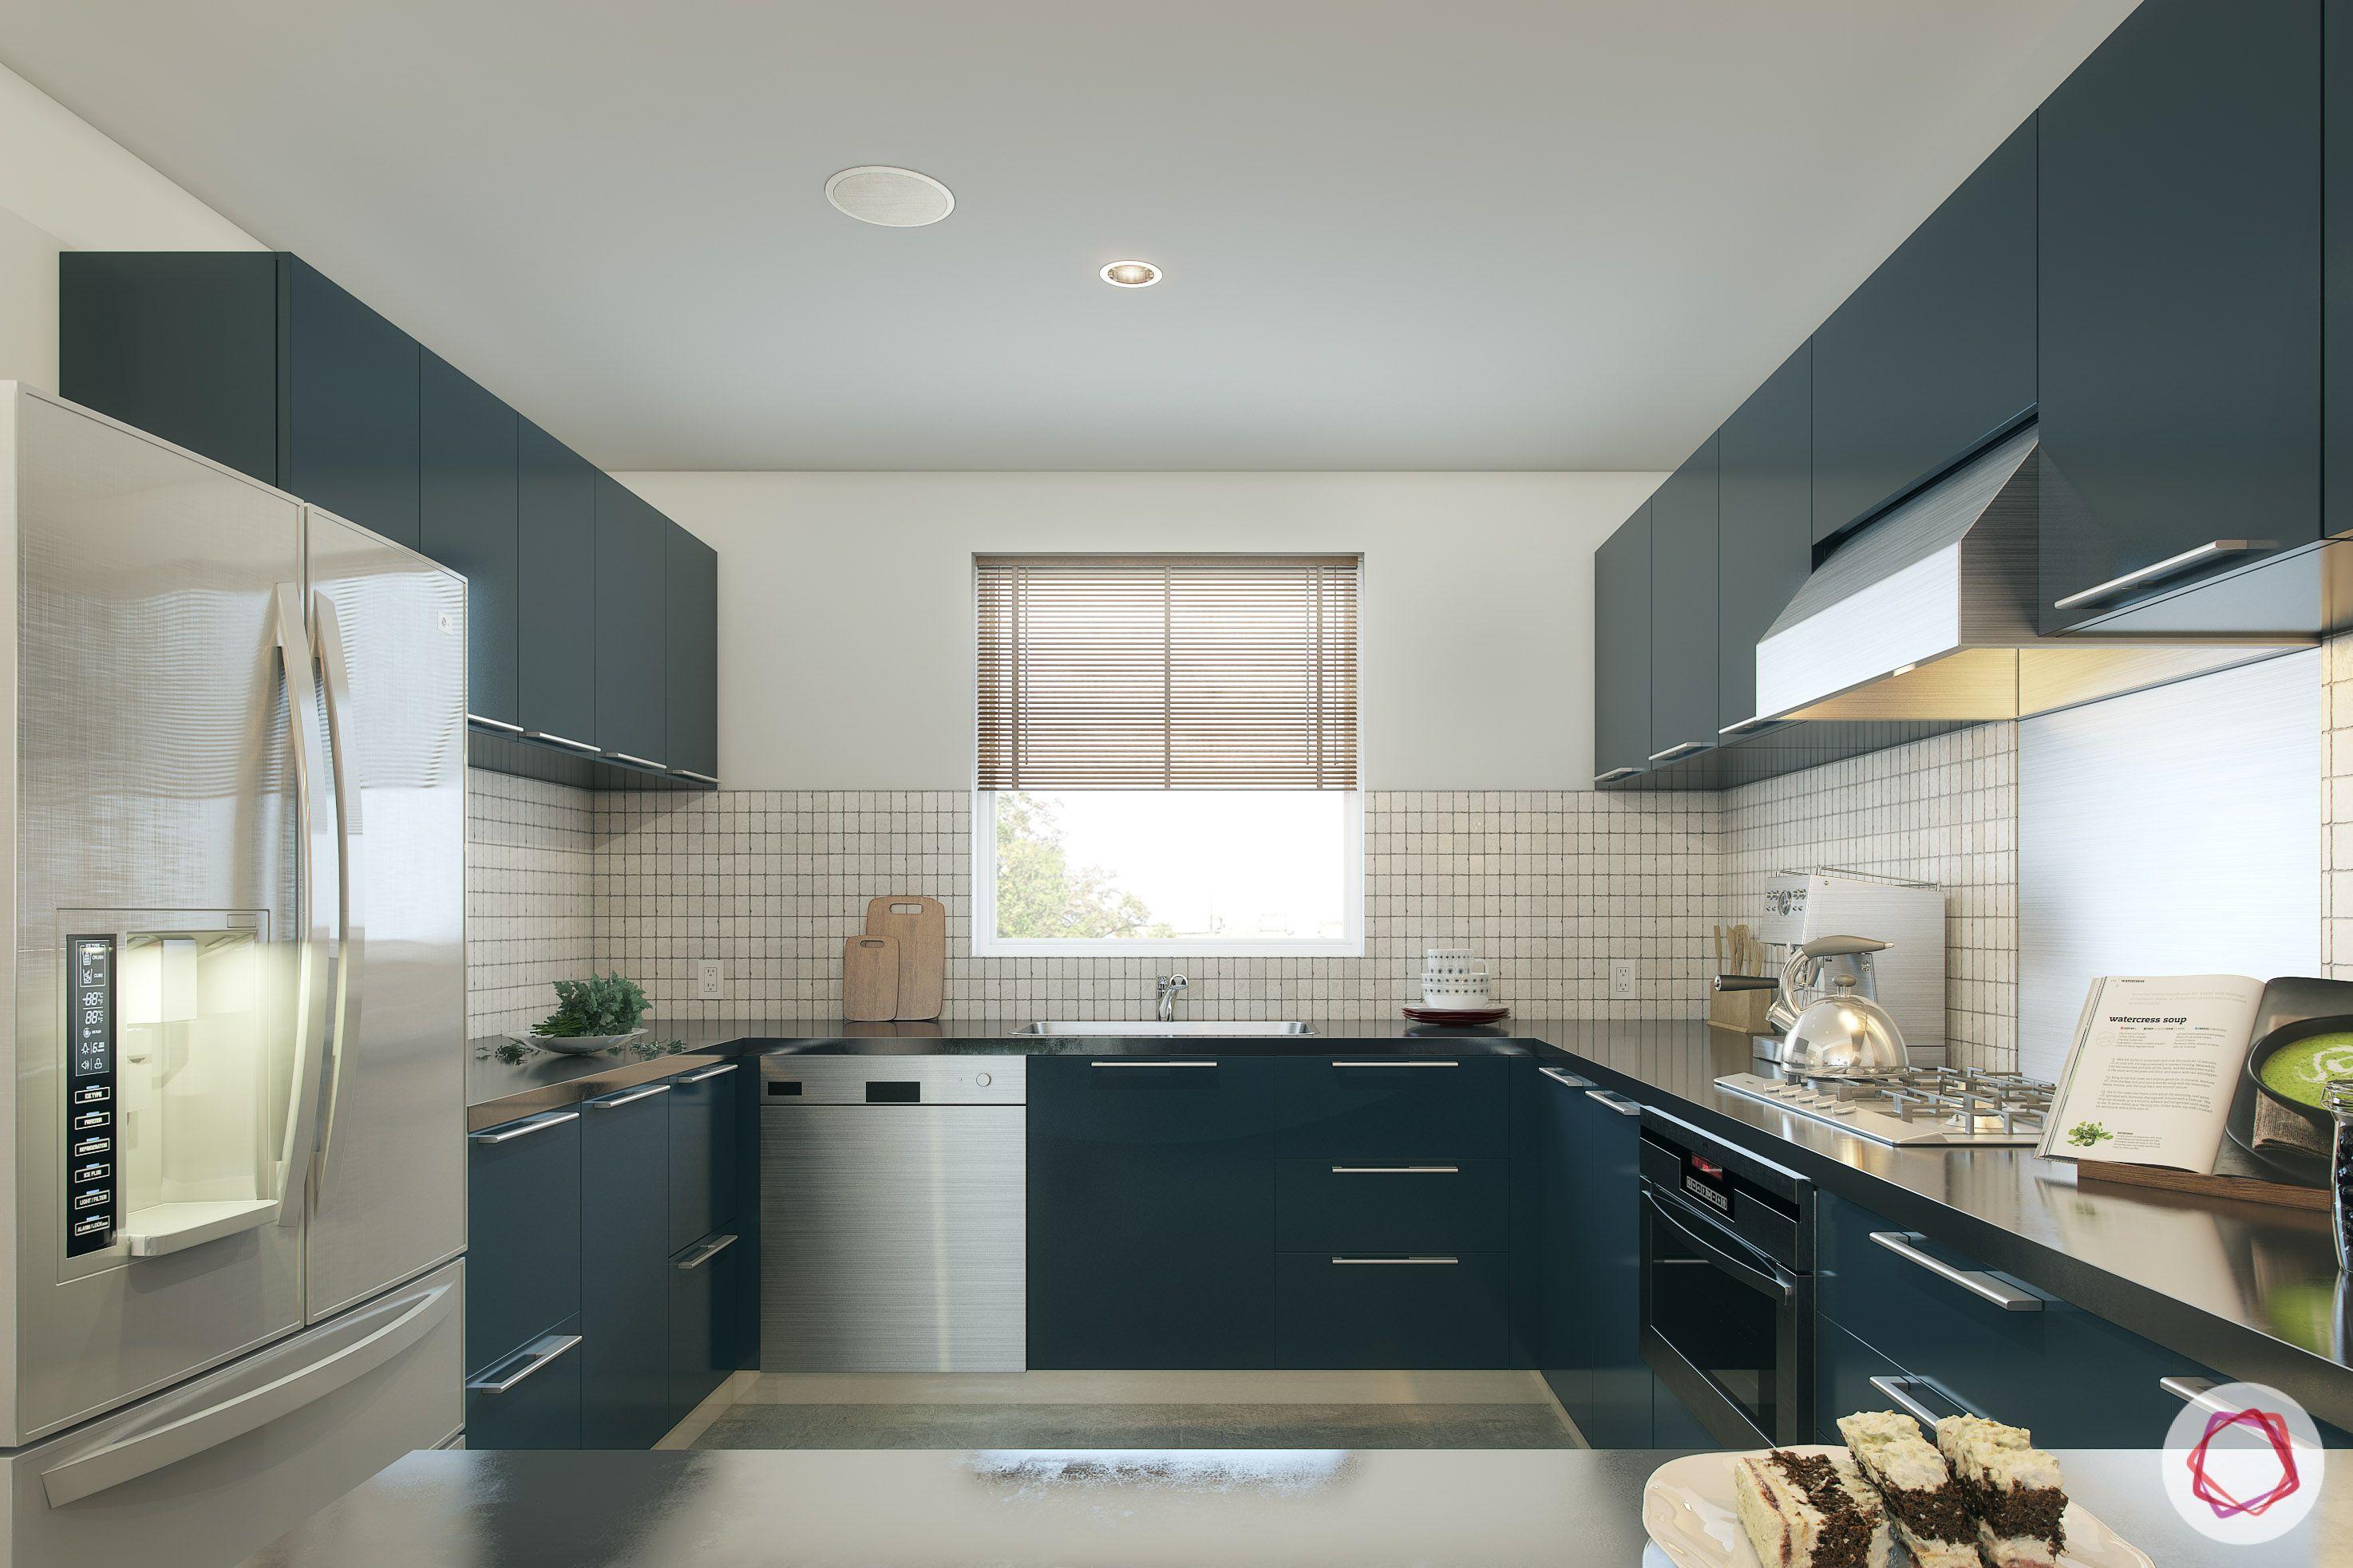 types of kitchen-grey kitchen cabinet designs-fridge